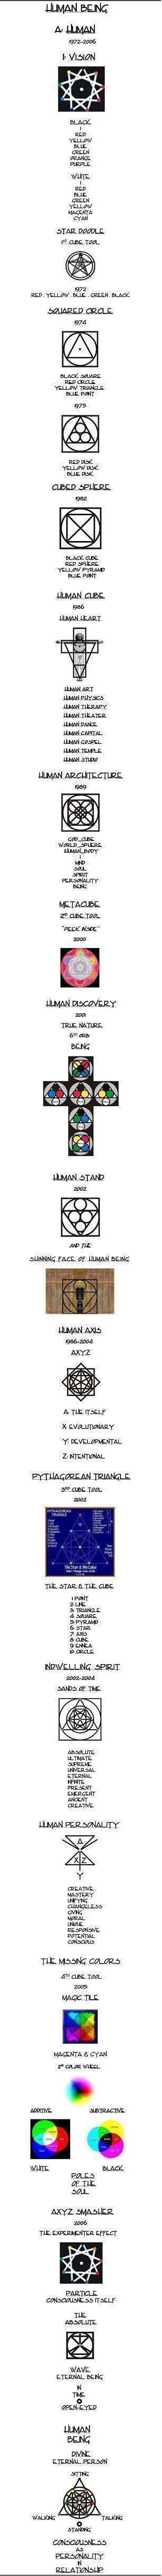 Human_vision_2_2